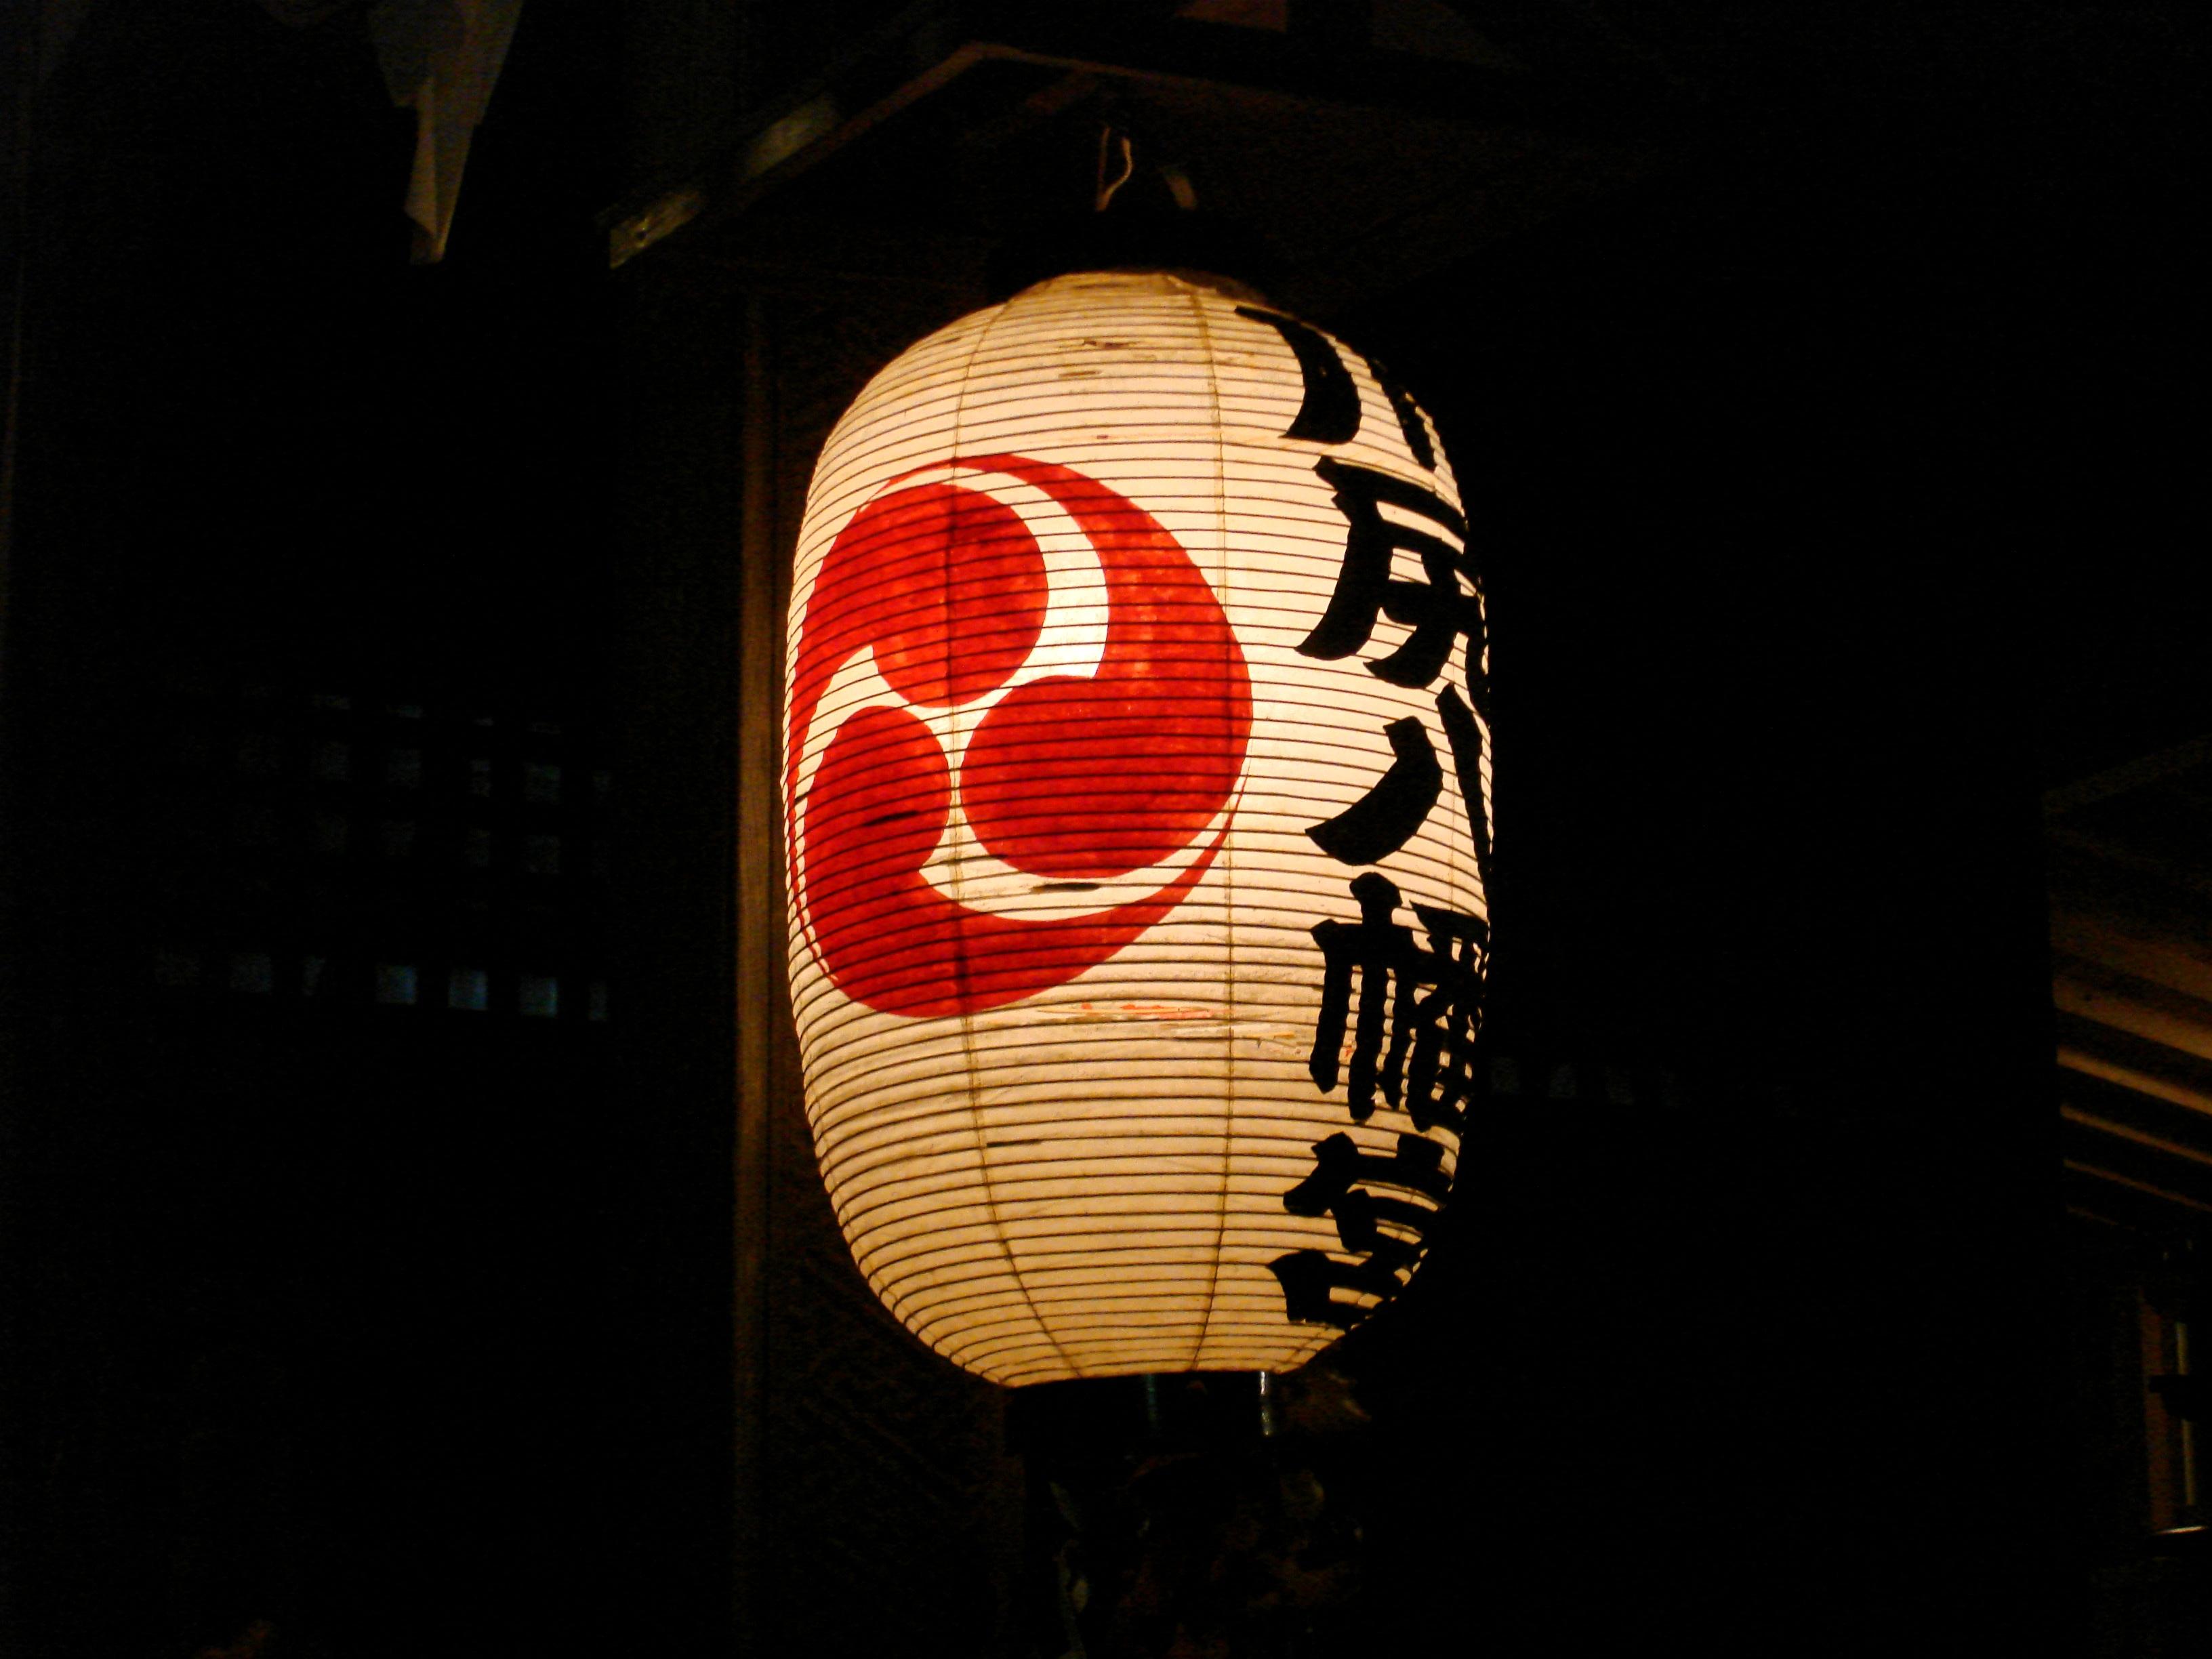 Hình Ảnh : Ánh Sáng, Đêm, Con Số, Asian, Ký Tên, Đèn Lồng Giấy, Đỏ, Màu,  Bóng Tối, Chuyến Đi, Nhật Bản, Bảng Chỉ Dẫn, Thắp Sáng, Dấu Hiệu Neon, Nghệ  Thuật, ...